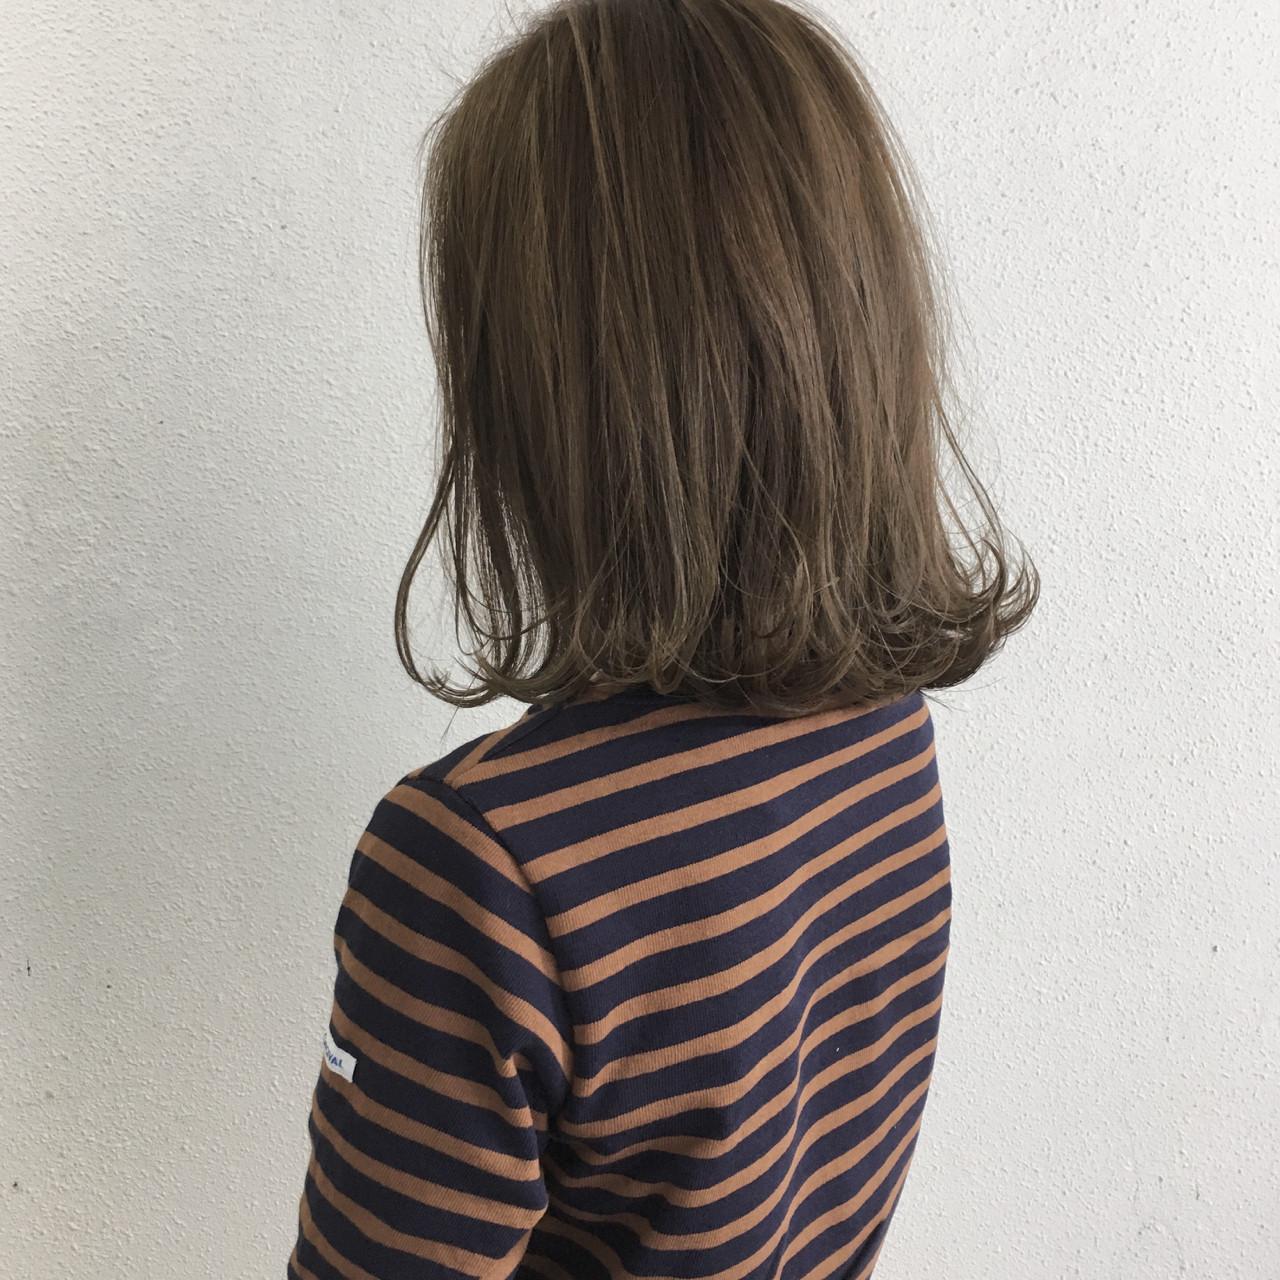 ミディアム 切りっぱなし 外ハネ ロブ ヘアスタイルや髪型の写真・画像 | 木下裕貴 / Lil by khair